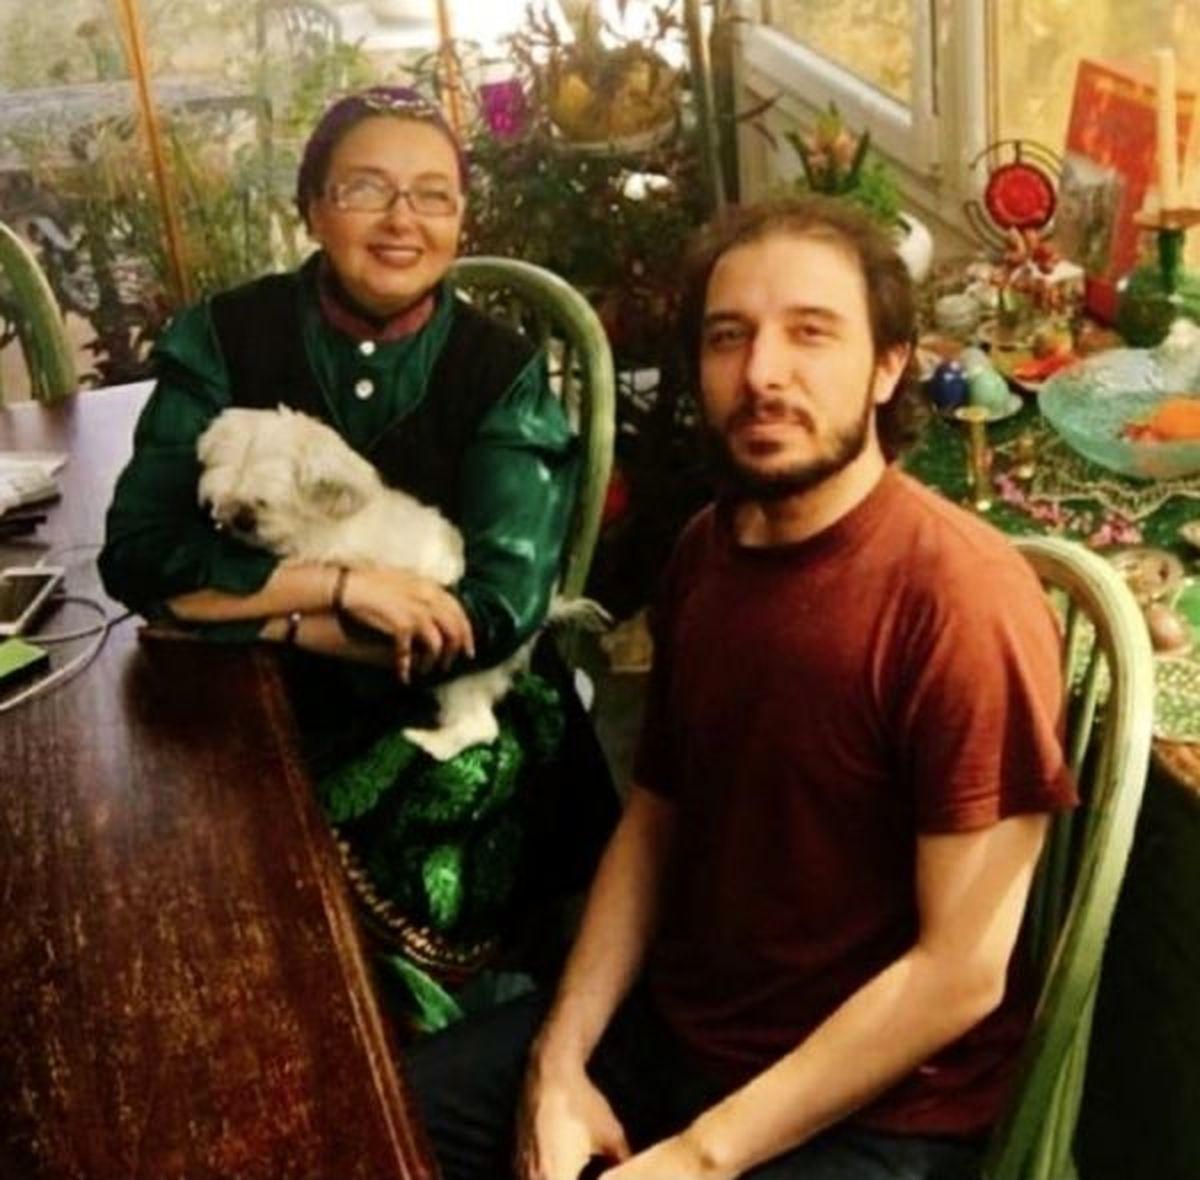 کتایون ریاحی و سگش در خانه لاکچری اش +عکس